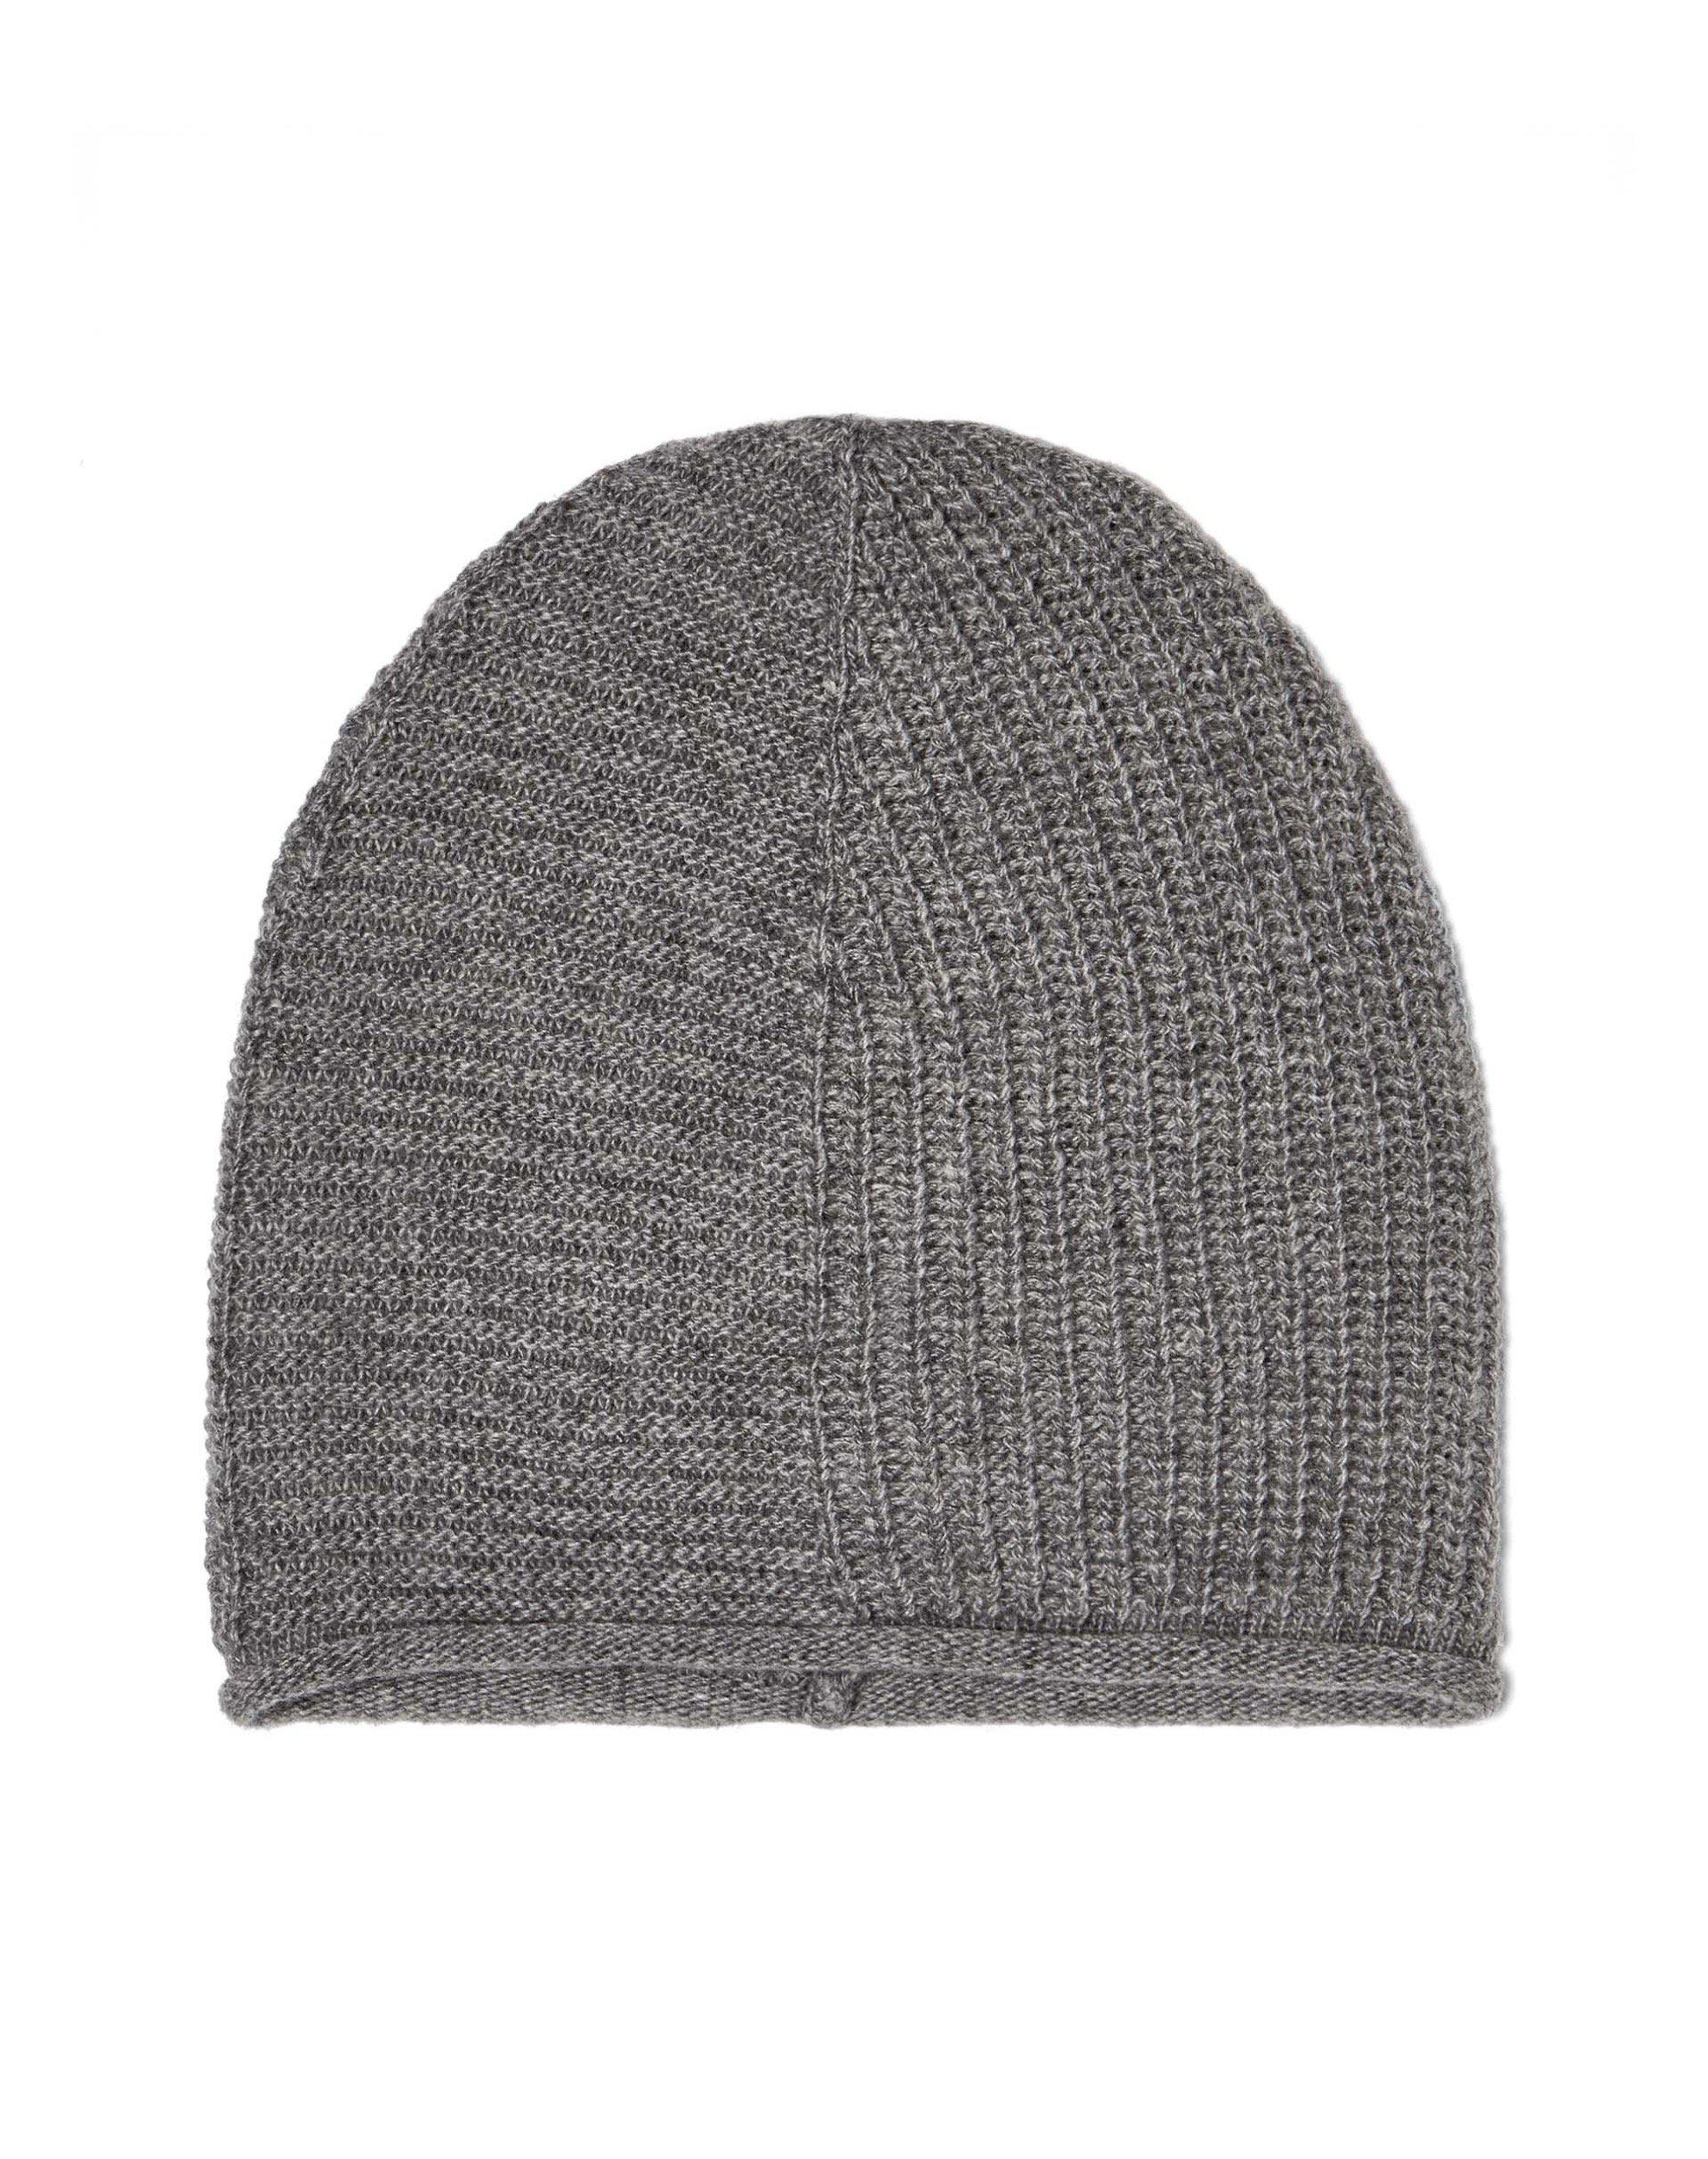 ШапкаГоловные уборы<br>Универсальная шапка бини выполнена из мягкой пряжи с шерстью.<br>Цвет: Серый; Размер: OS;